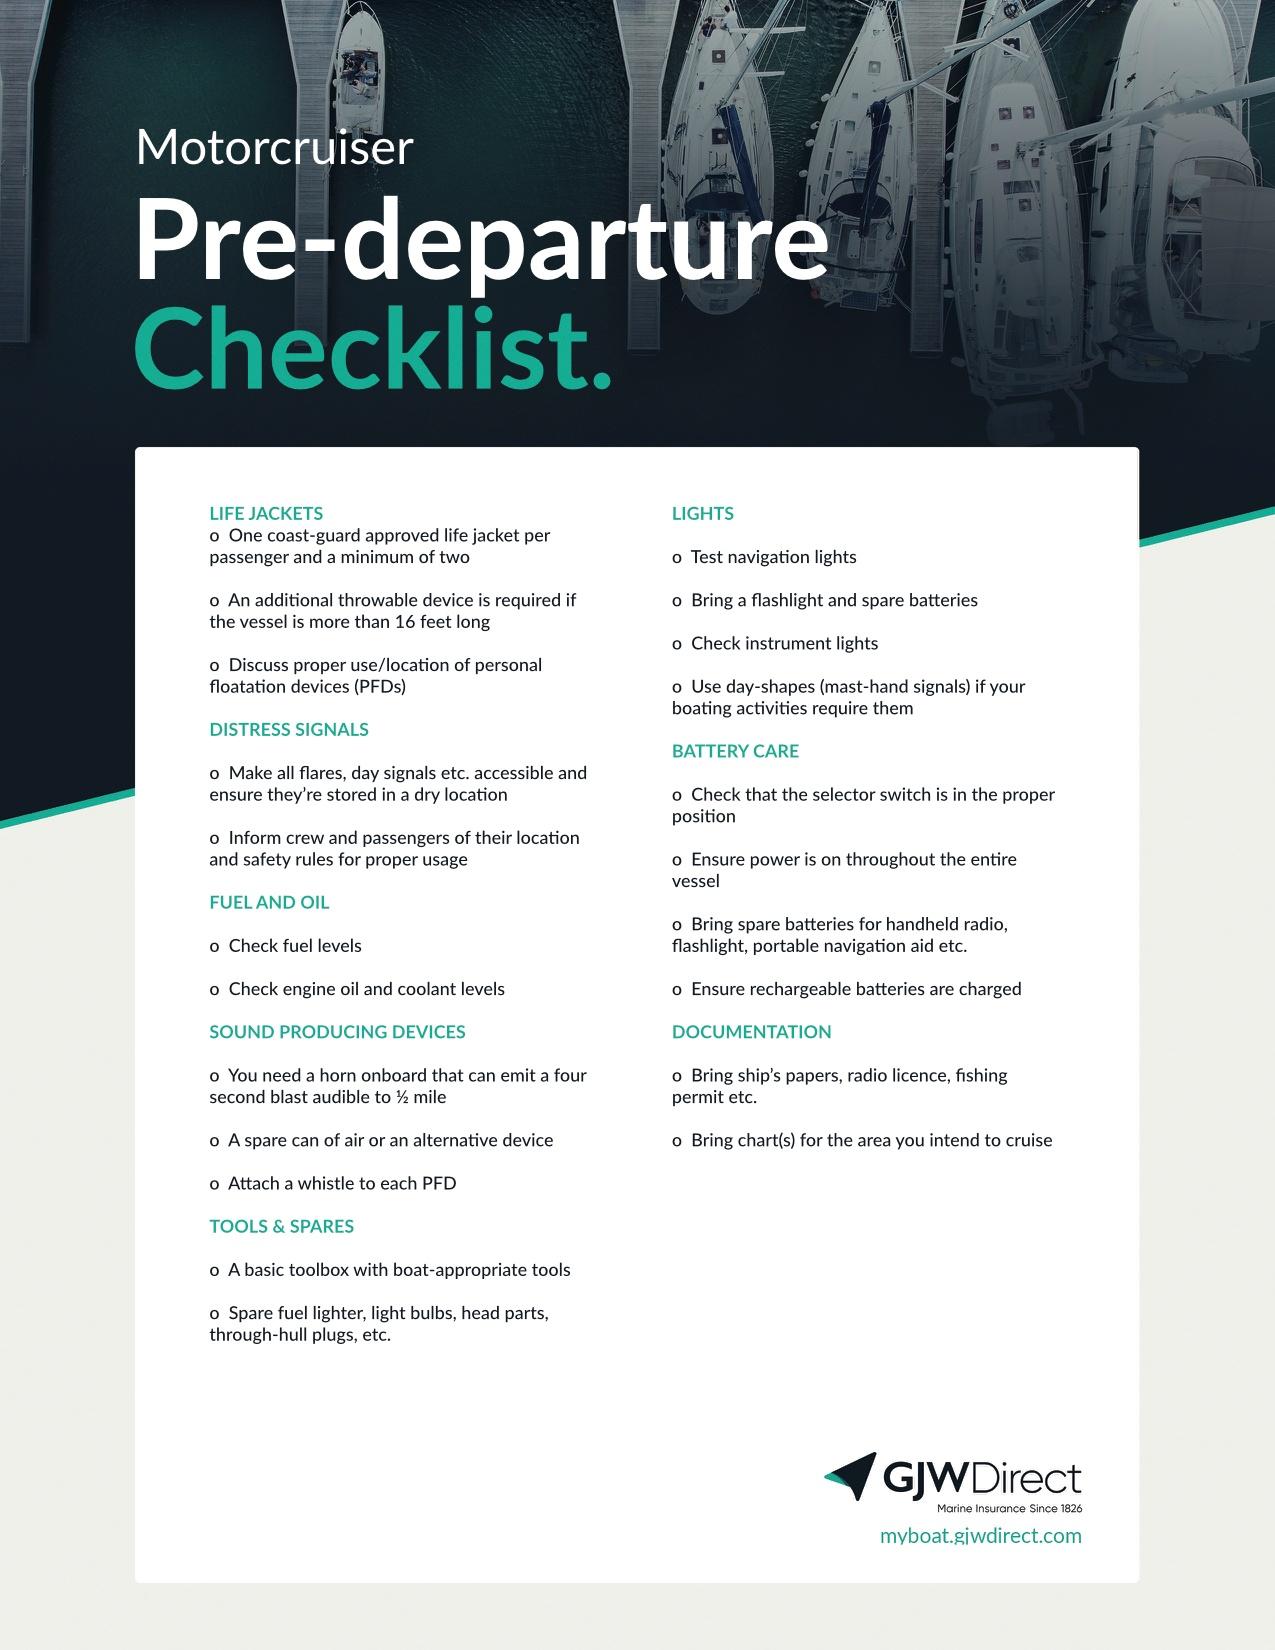 Pre-Departure_Checklist Image